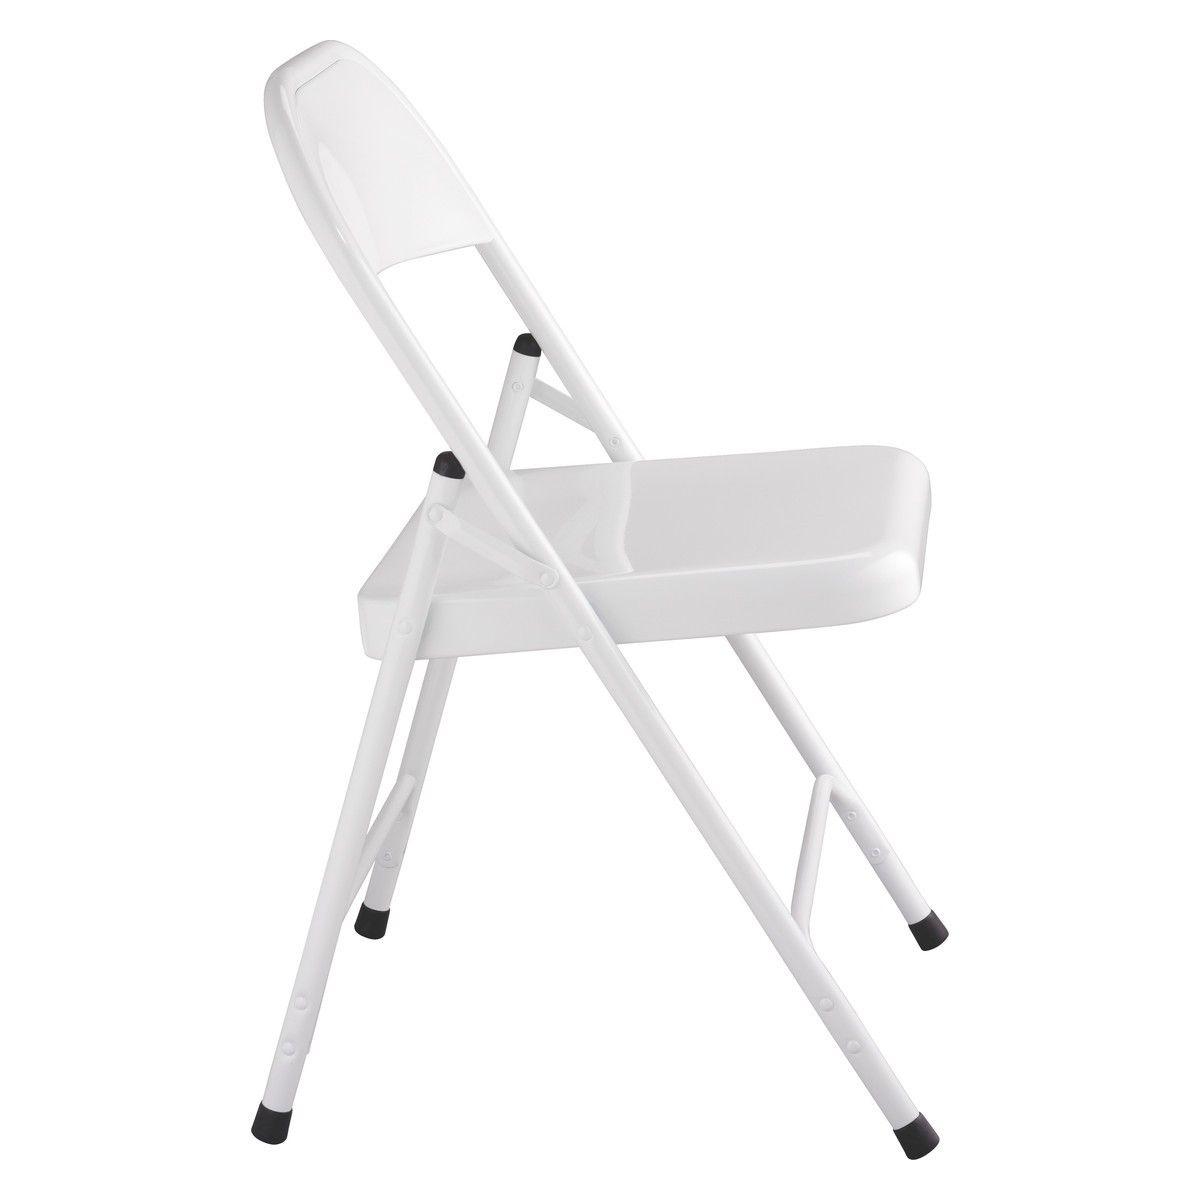 White Metal Folding Chairs macadam white metal folding chair | buy now at habitat uk